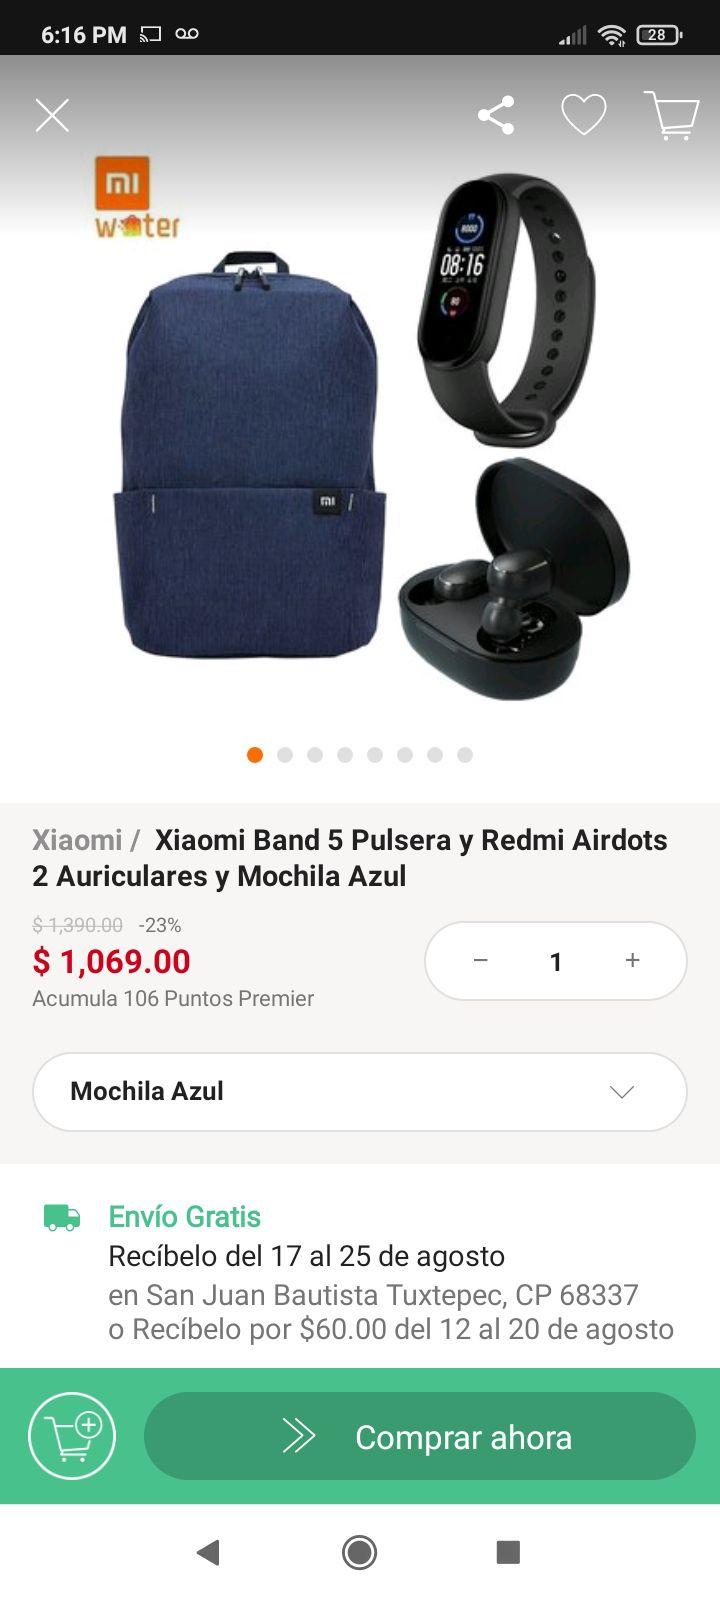 Linio: Xiaomi Band 5 Pulsera y Redmi Airdots 2 Auriculares y Mochila Azul Marca Xiaomi